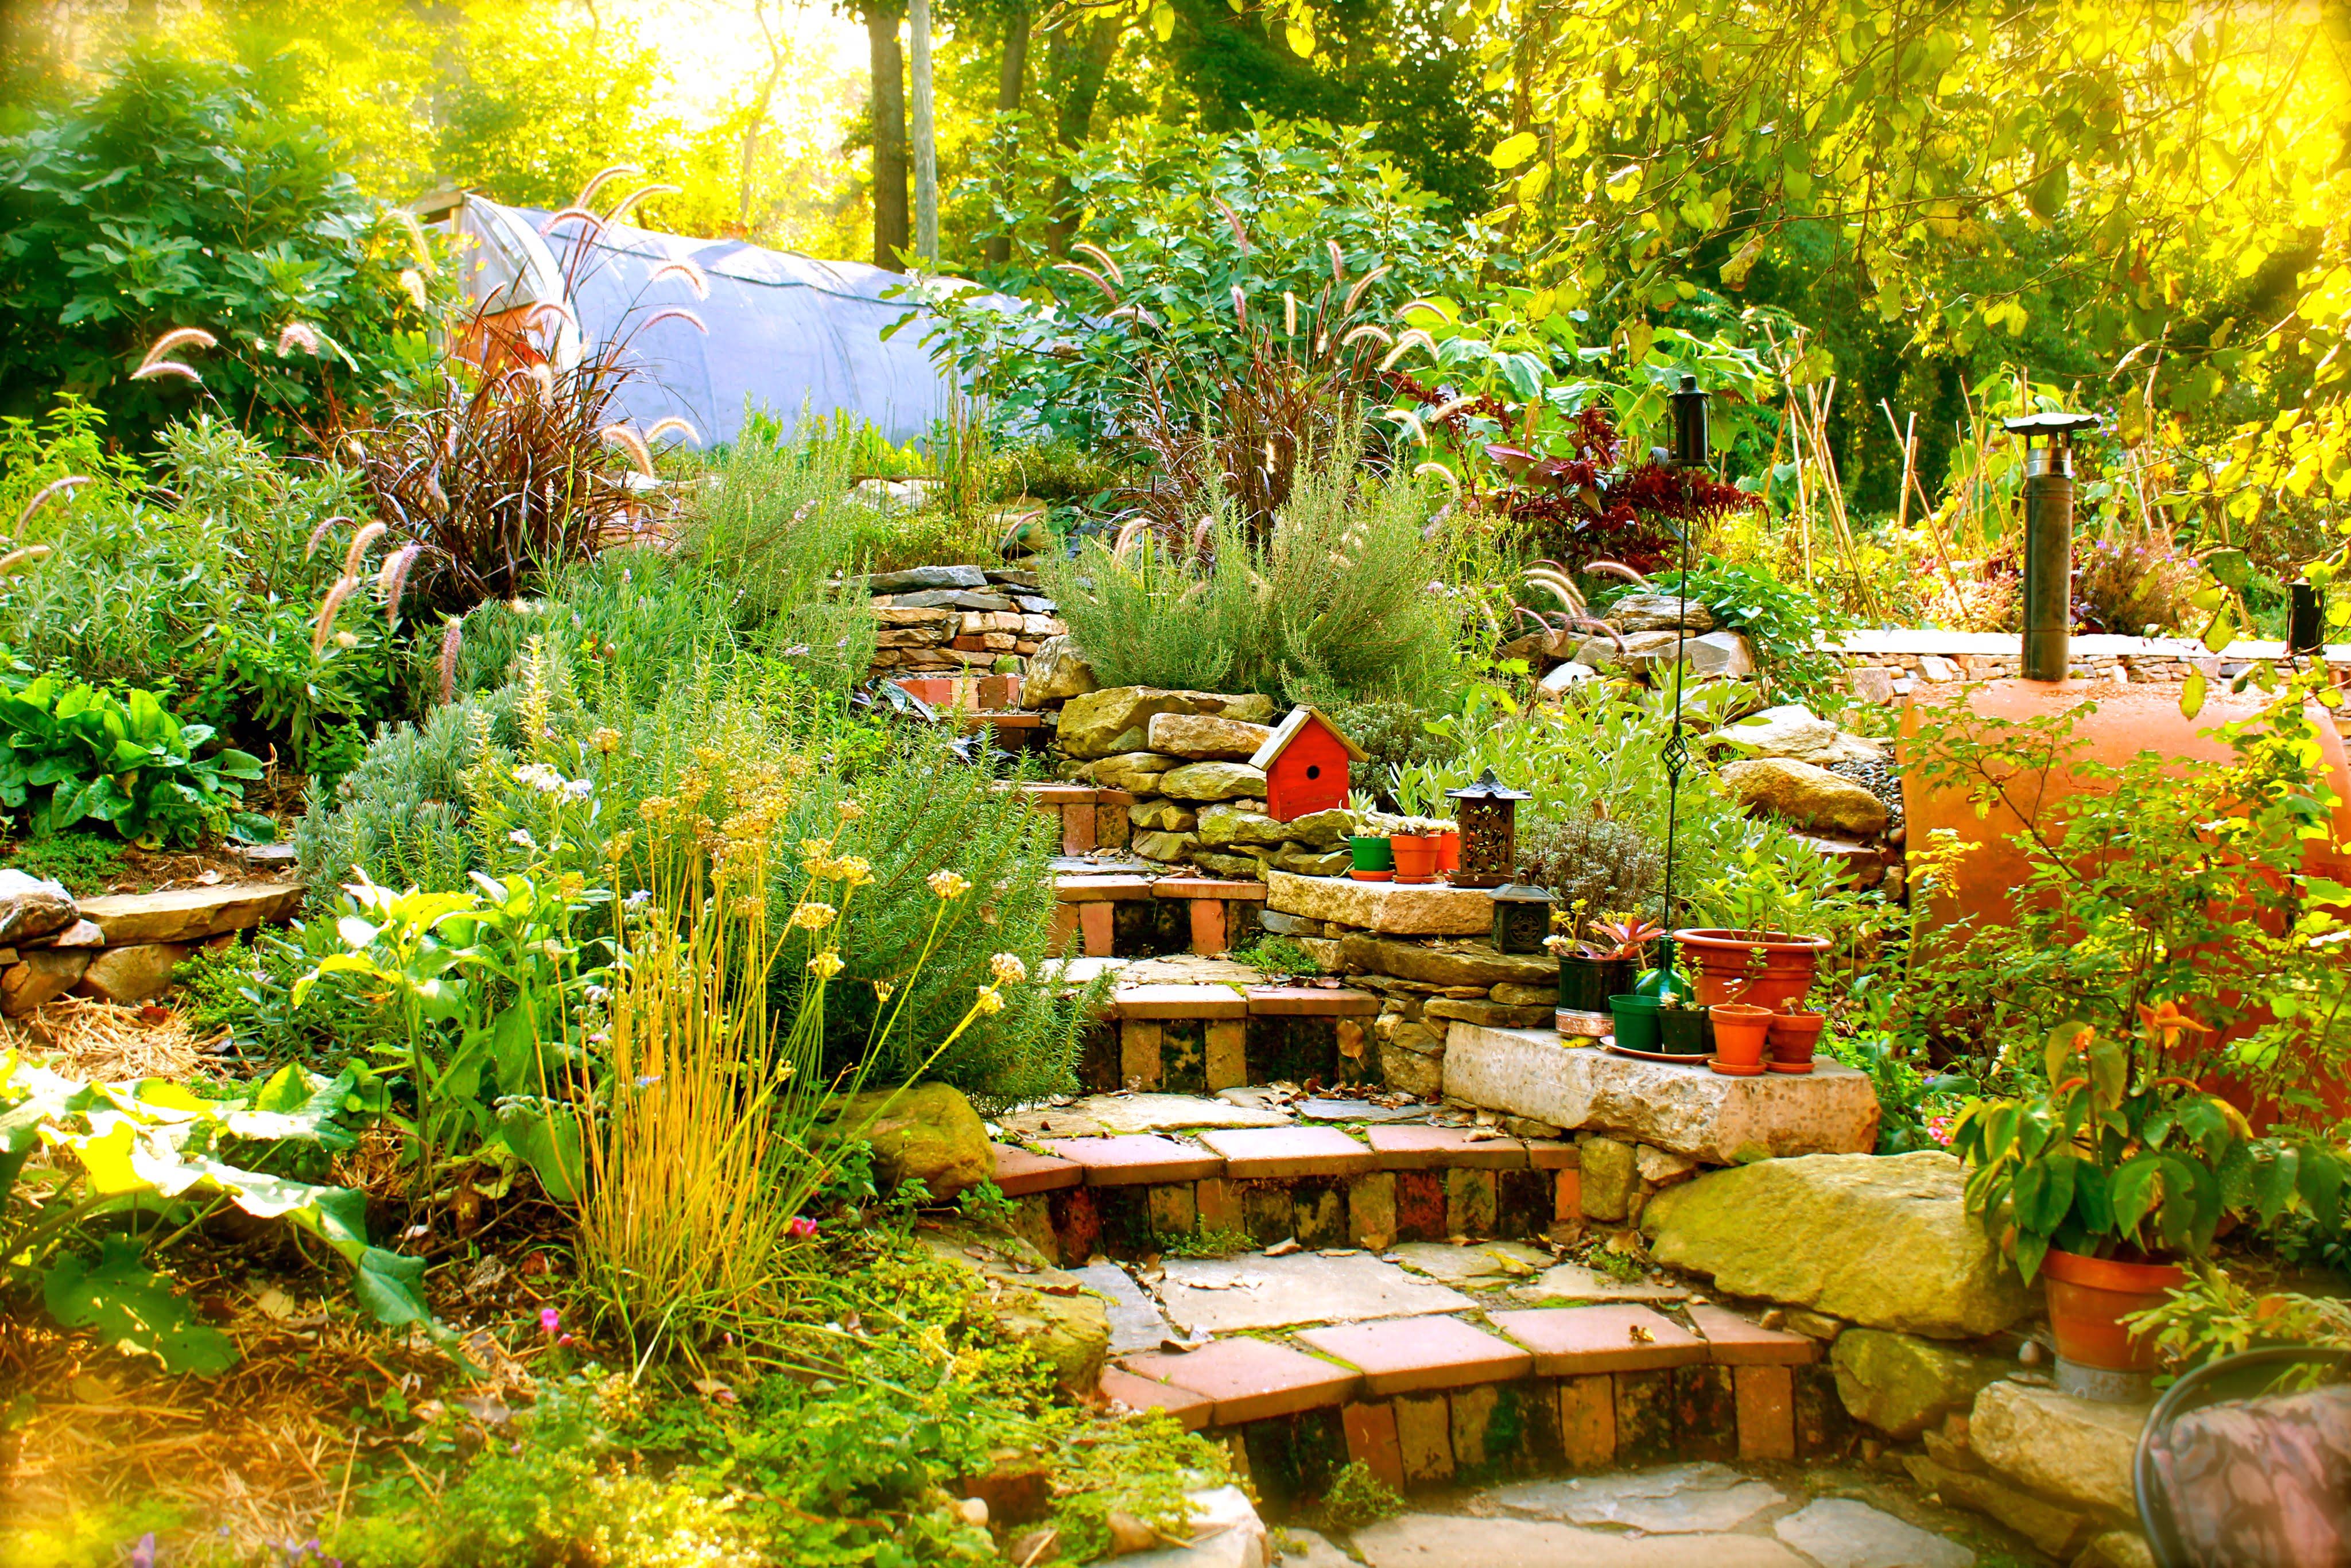 Properties 3 & 4: Terrace garden